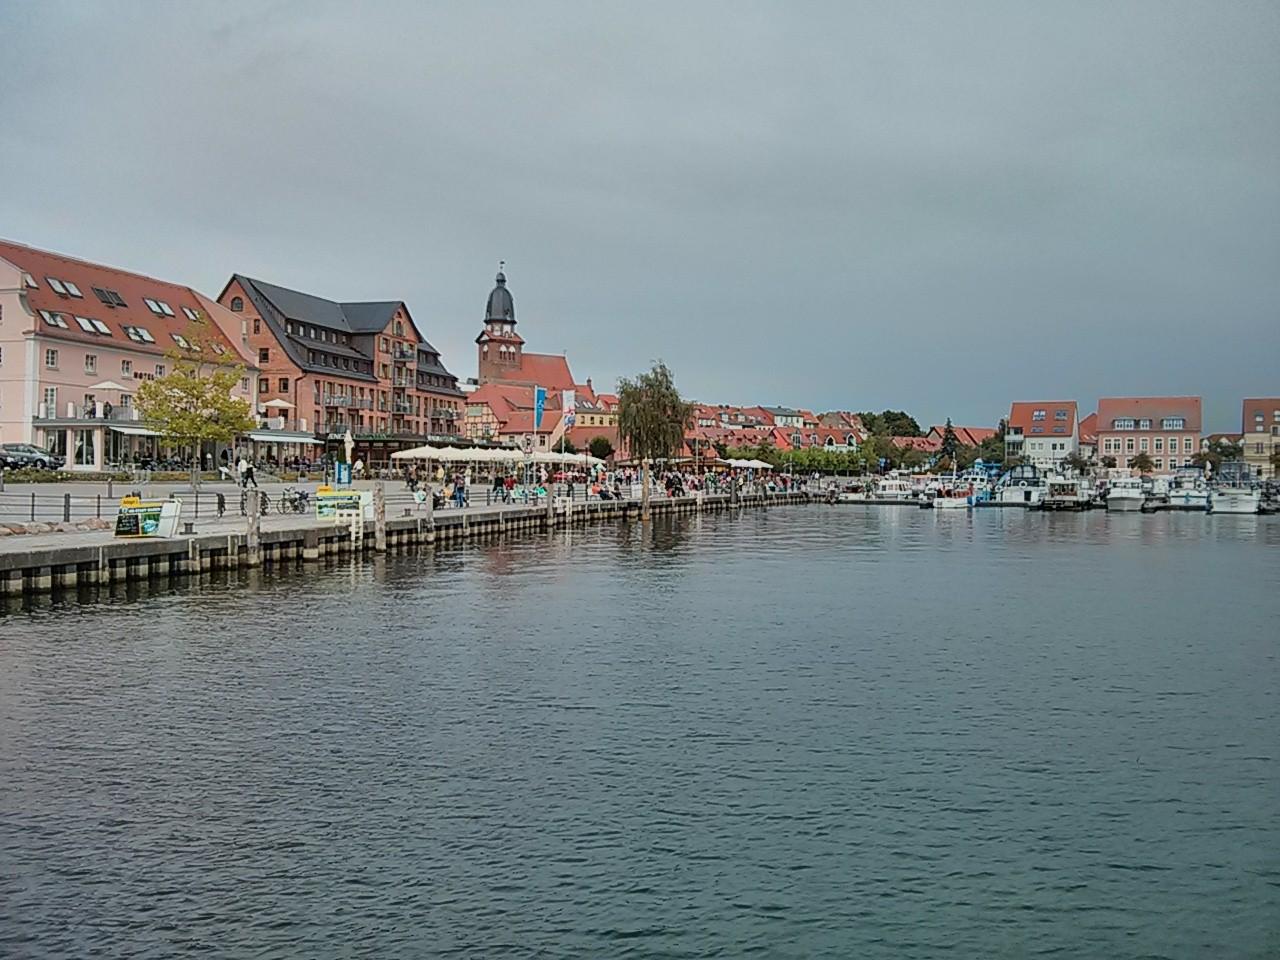 letzer Blick auf den Hafen von Waren(Müritz)